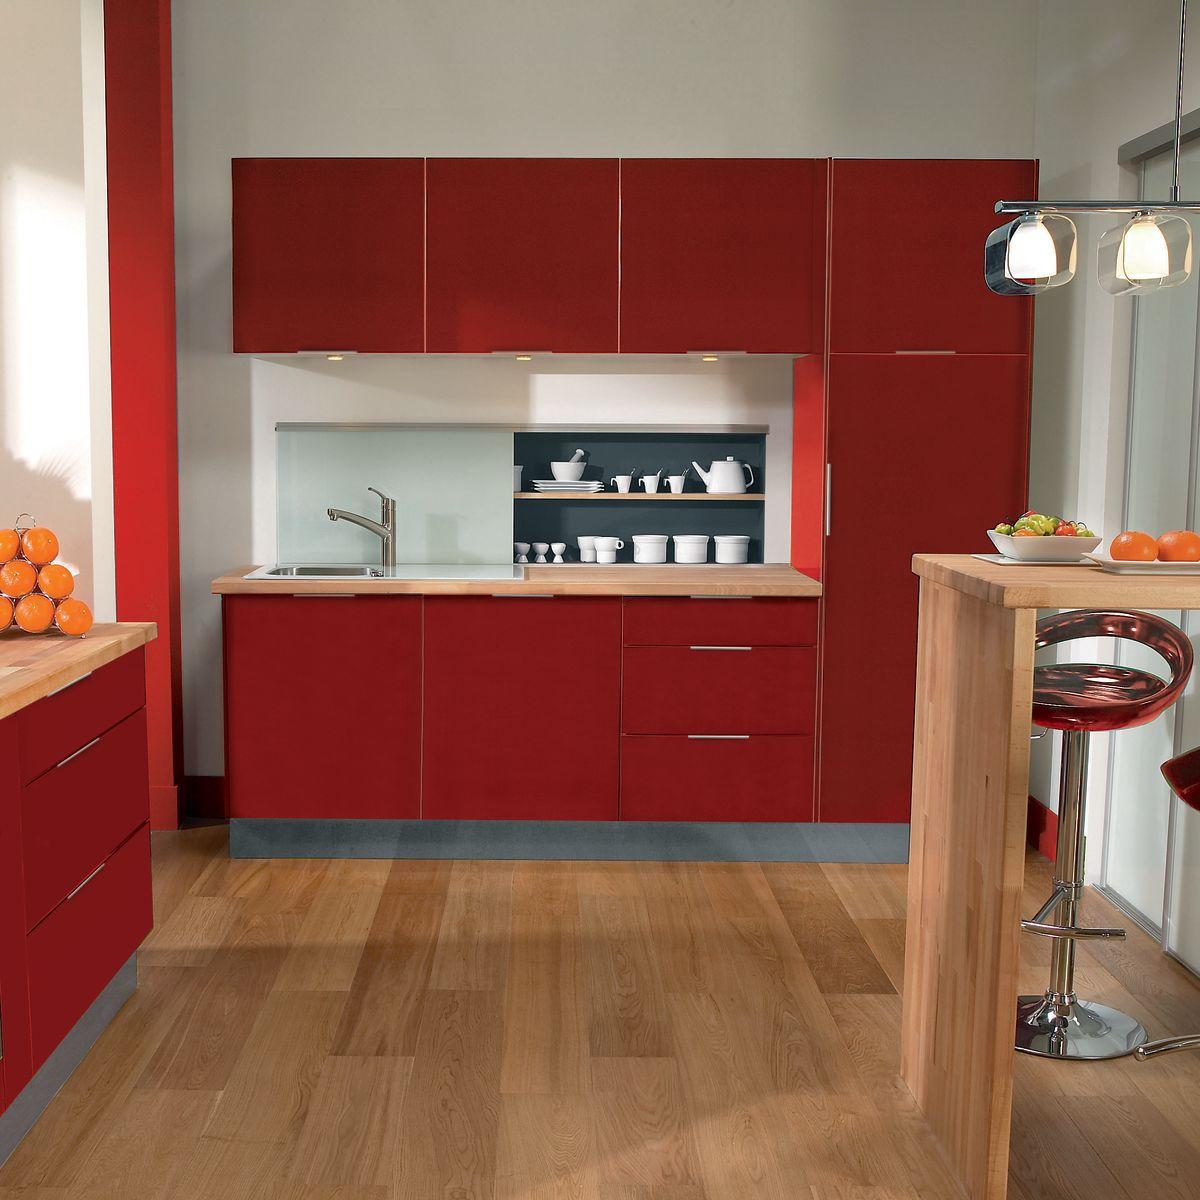 Cucine componibili: prezzi e offerte Leroy Merlin